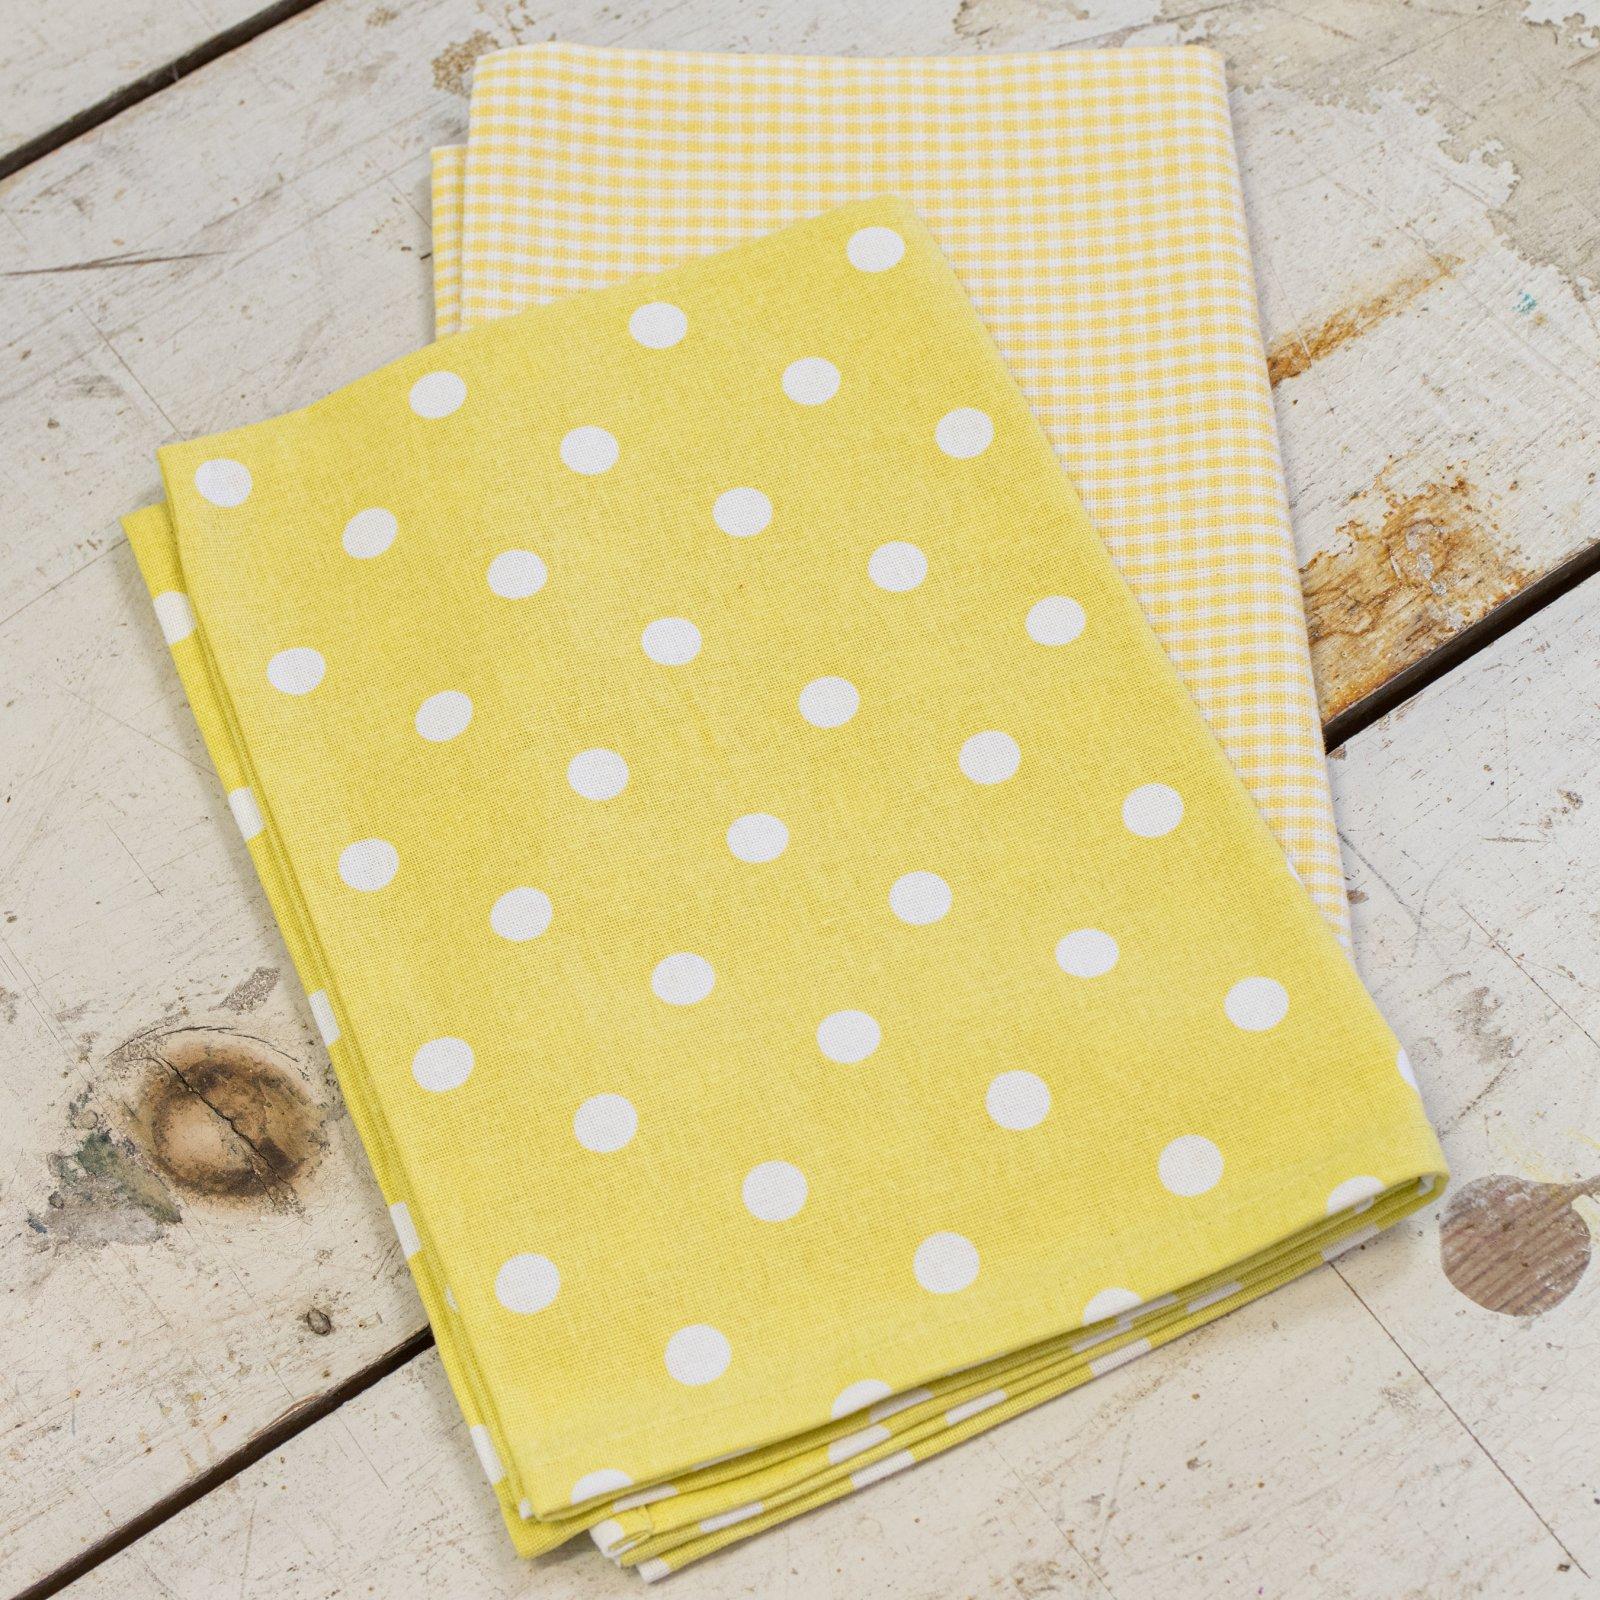 Yellow Towel Bundle